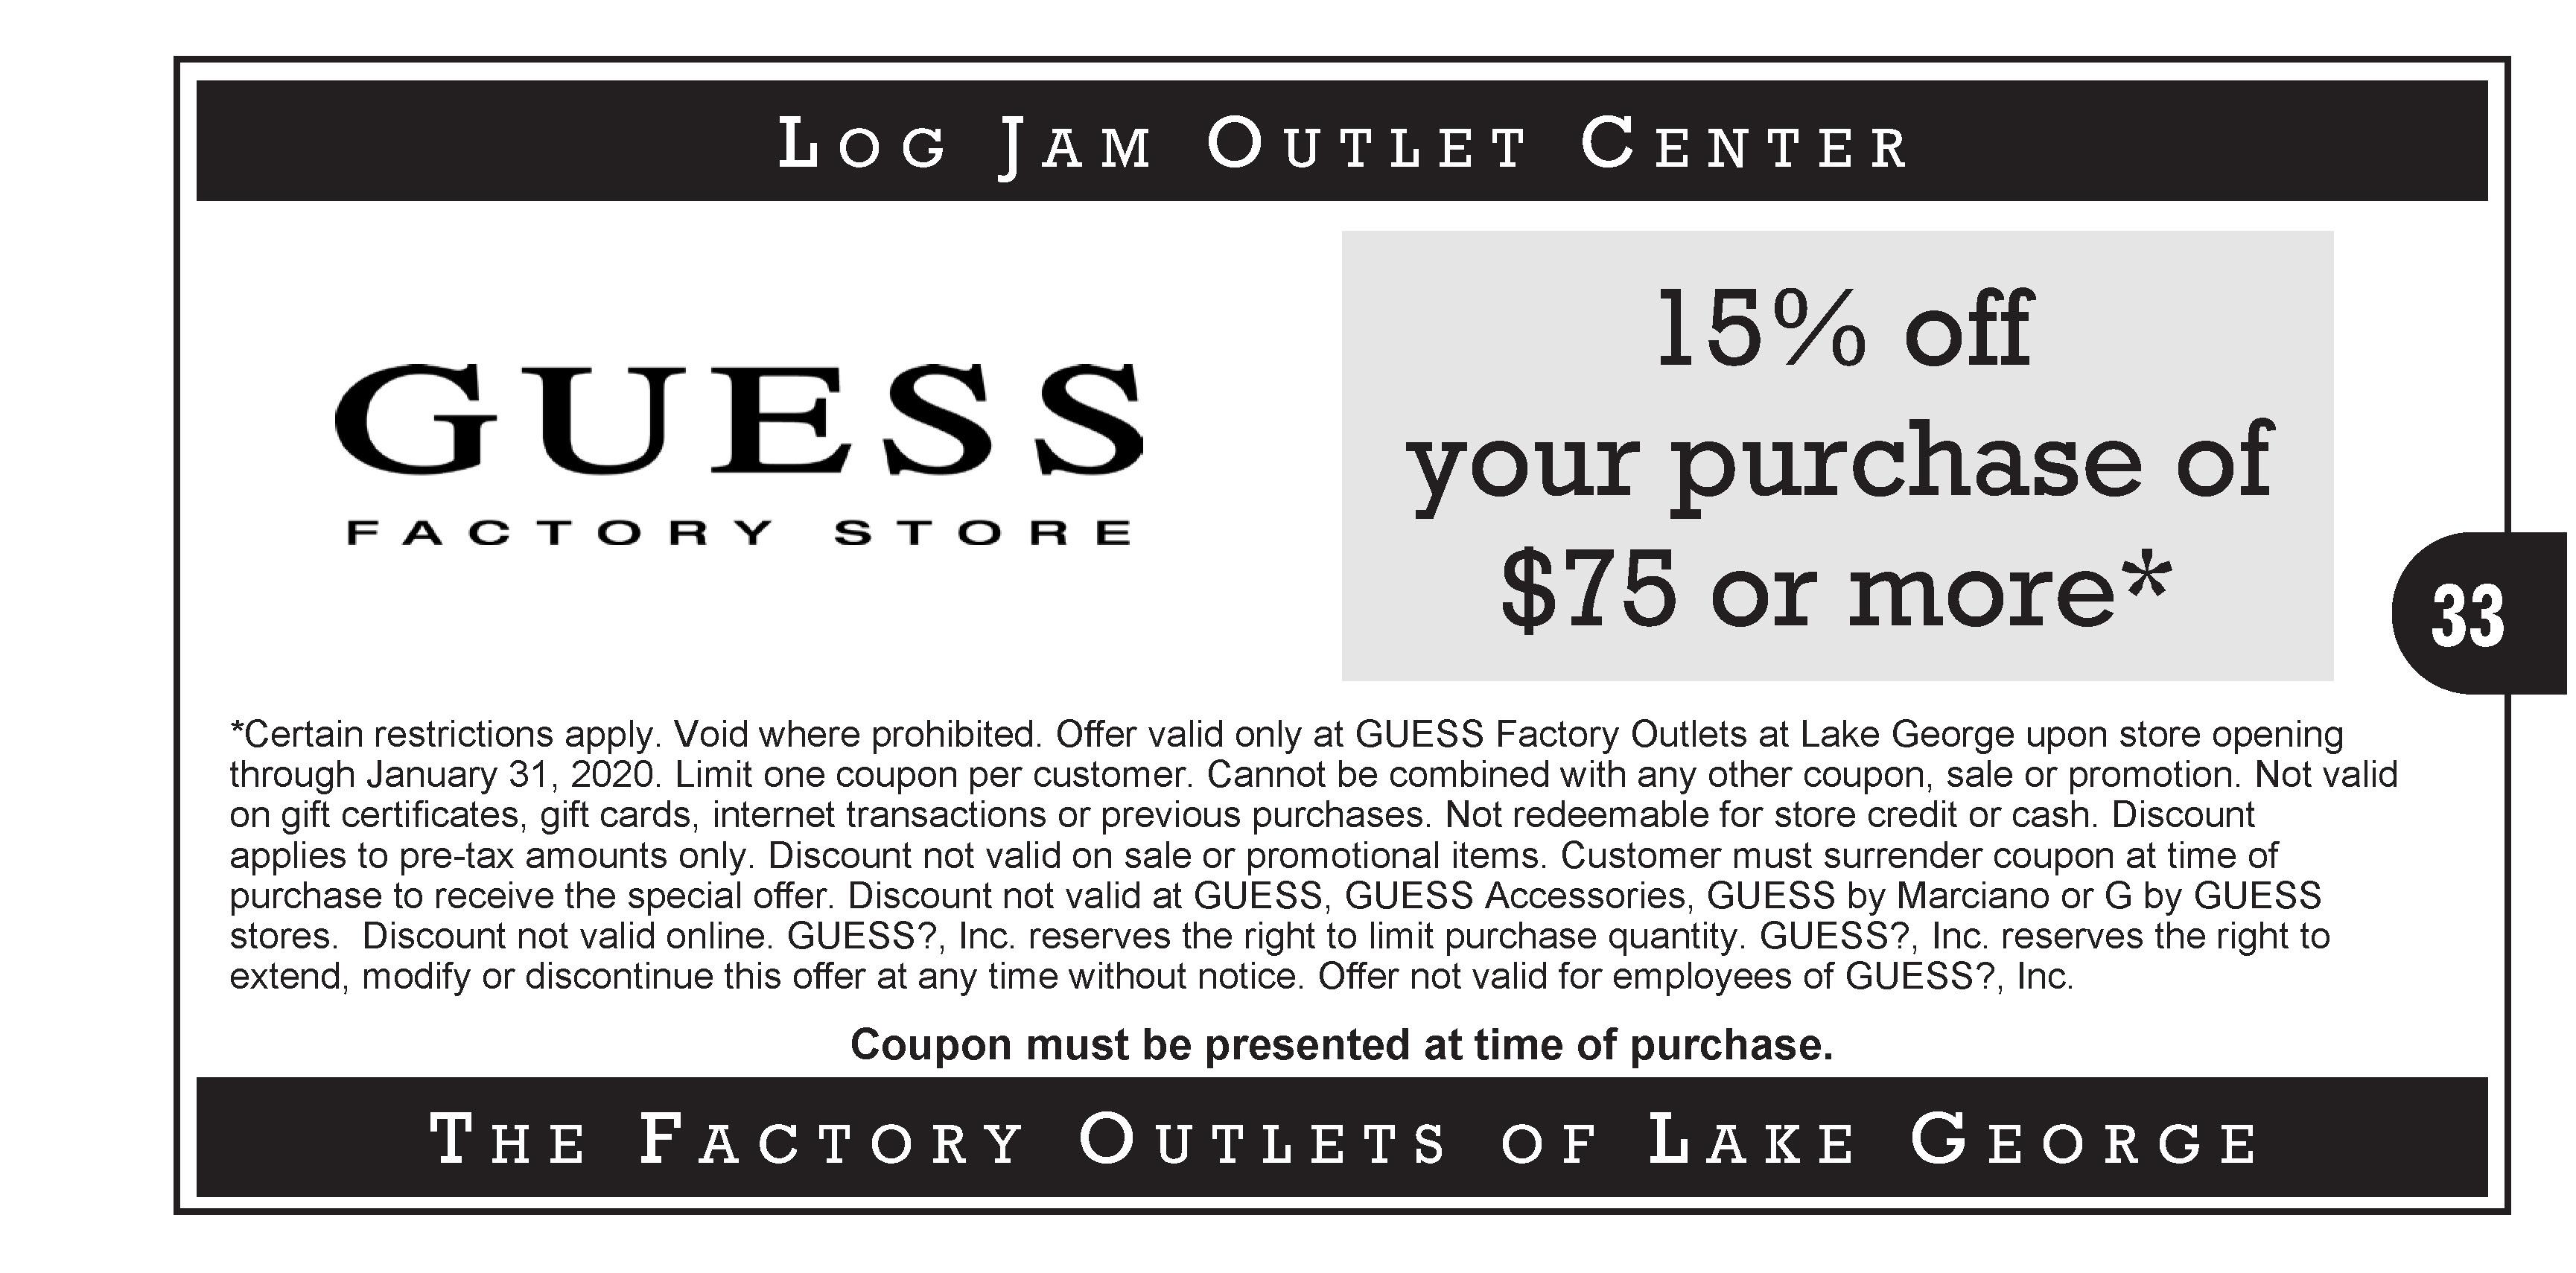 logjam lake george coupons